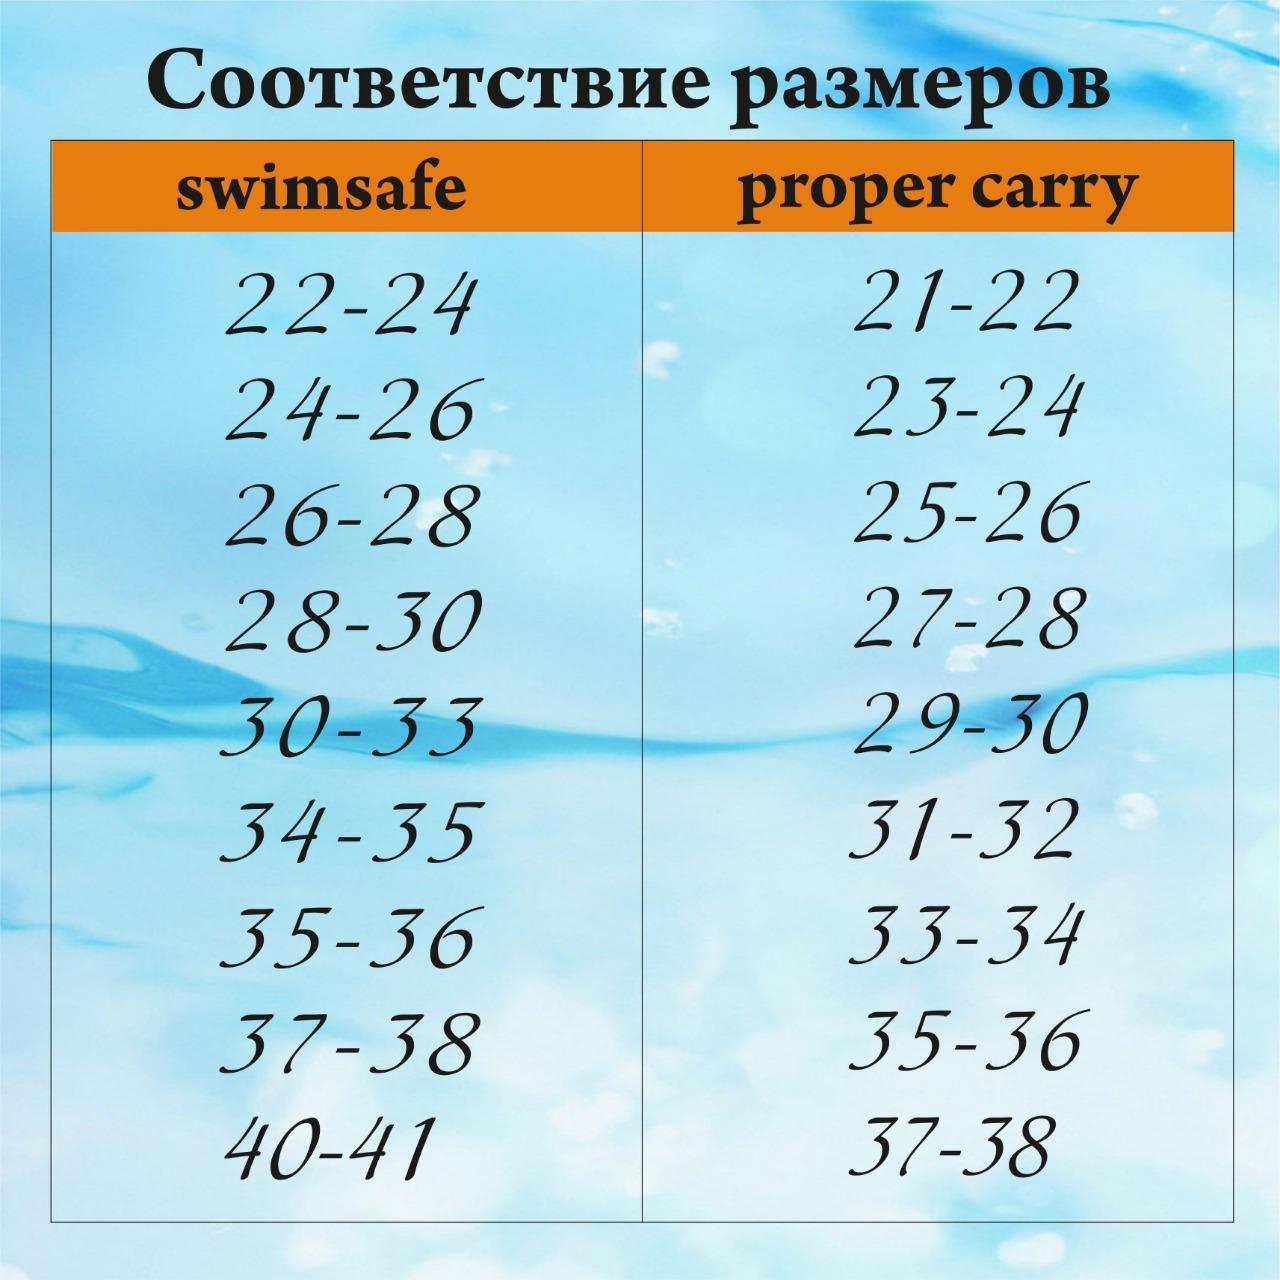 Ласты для грудничкового плавания ProperCarry фиолетовые 23-24, - фото 6